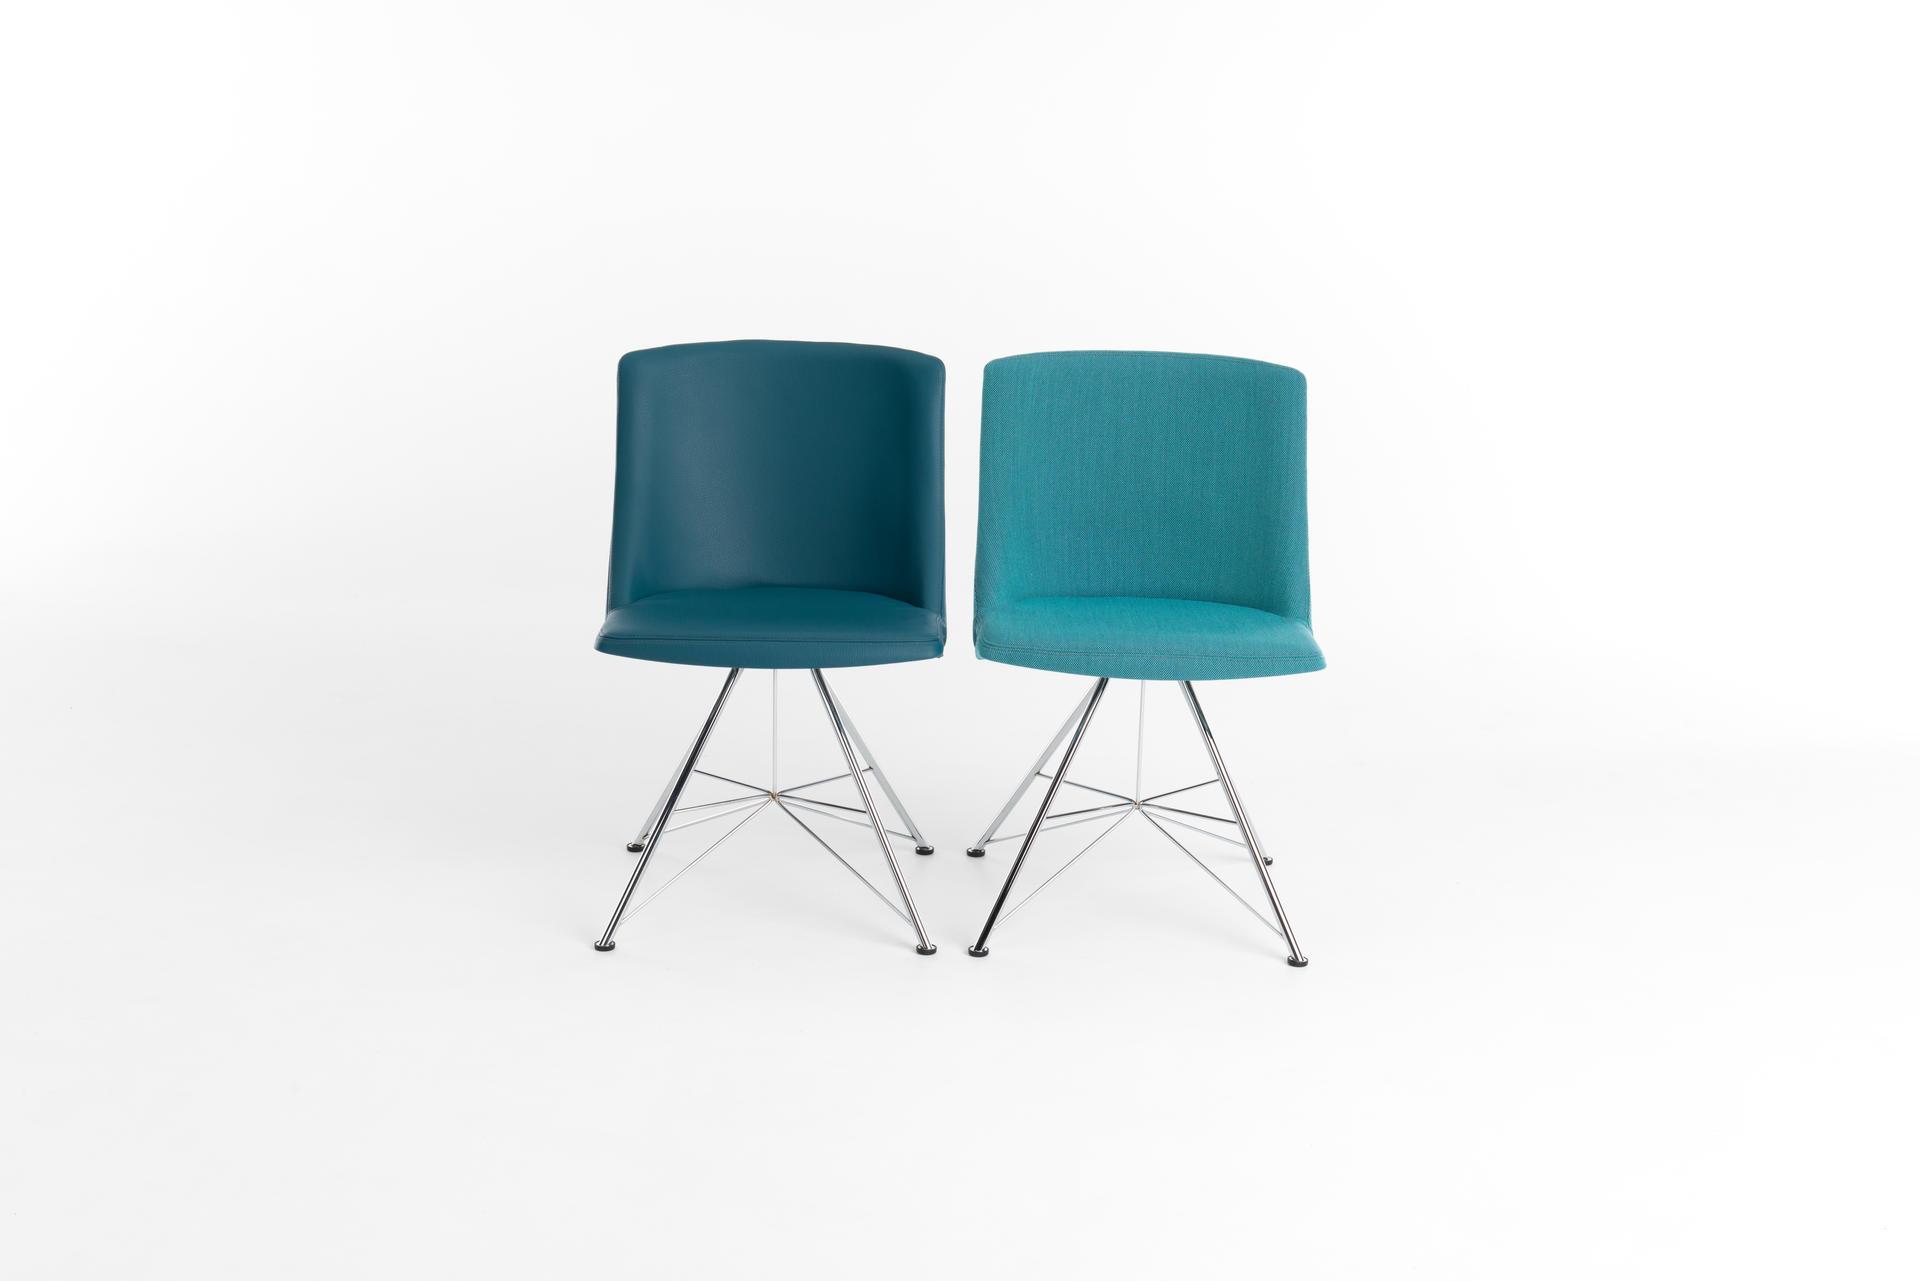 стул Rho, Bert Plantagie, фото 3